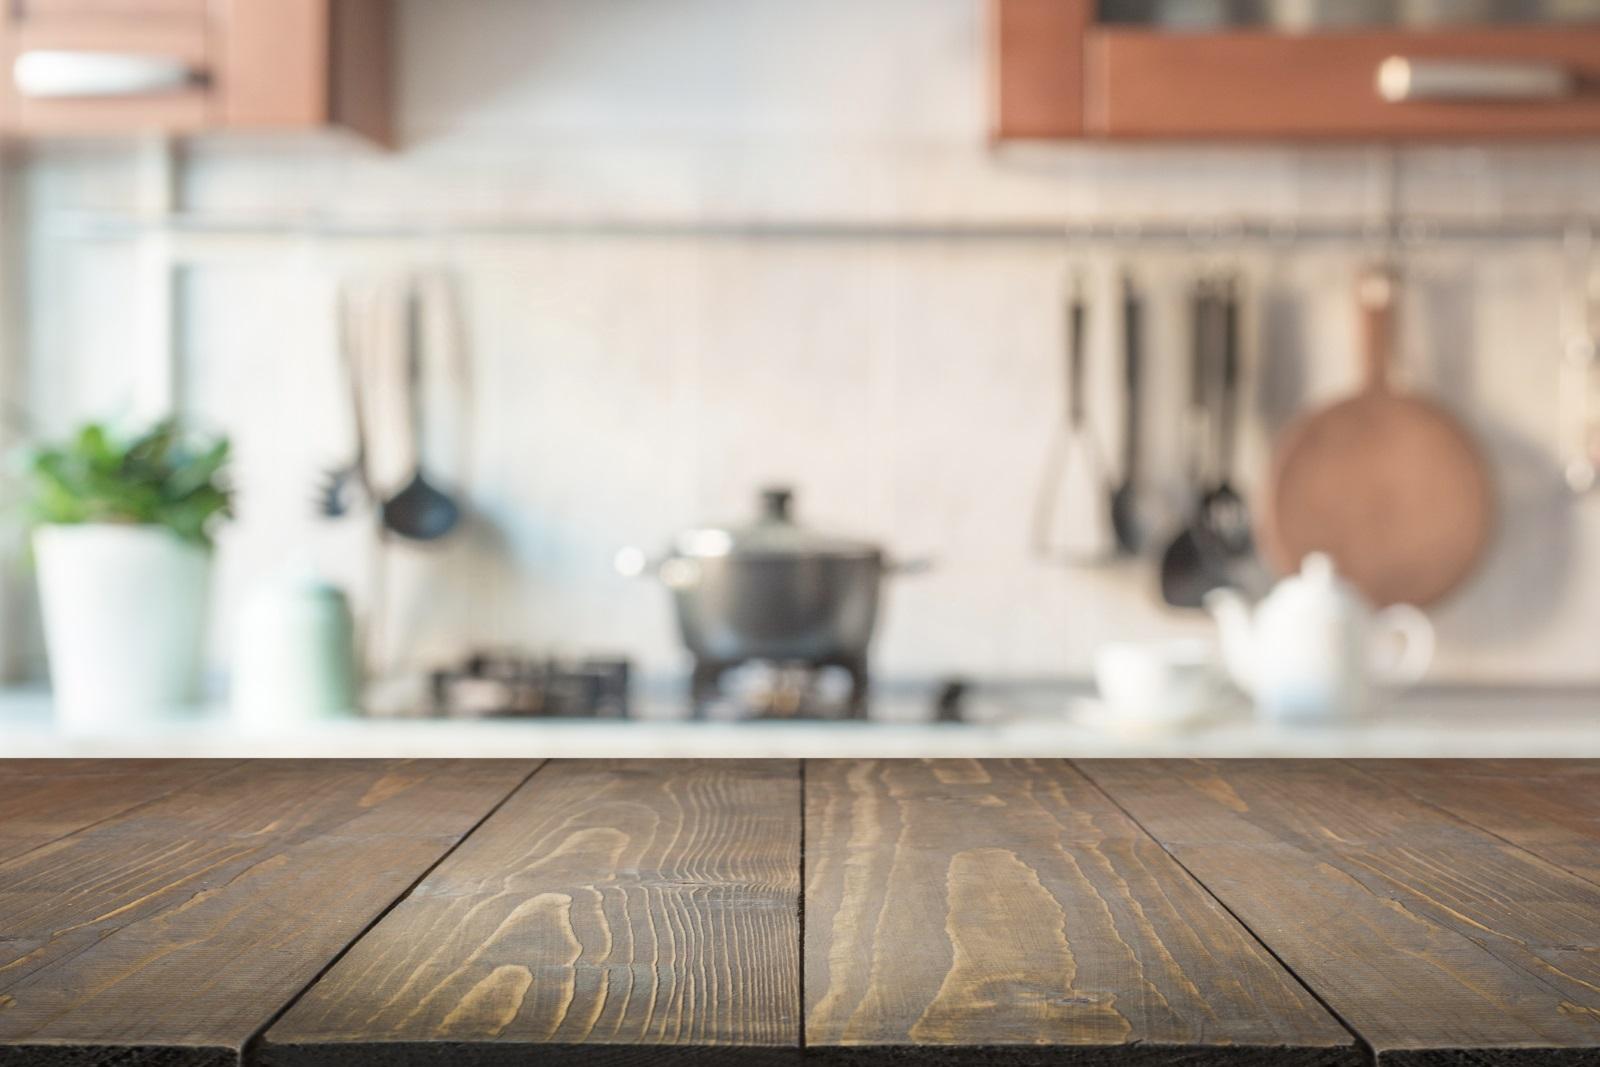 Липсата на аксесоари<br /> Според специалистите това е голям недостатък при обзавеждането на дома. Именно малките детайли правят помещението завършено.